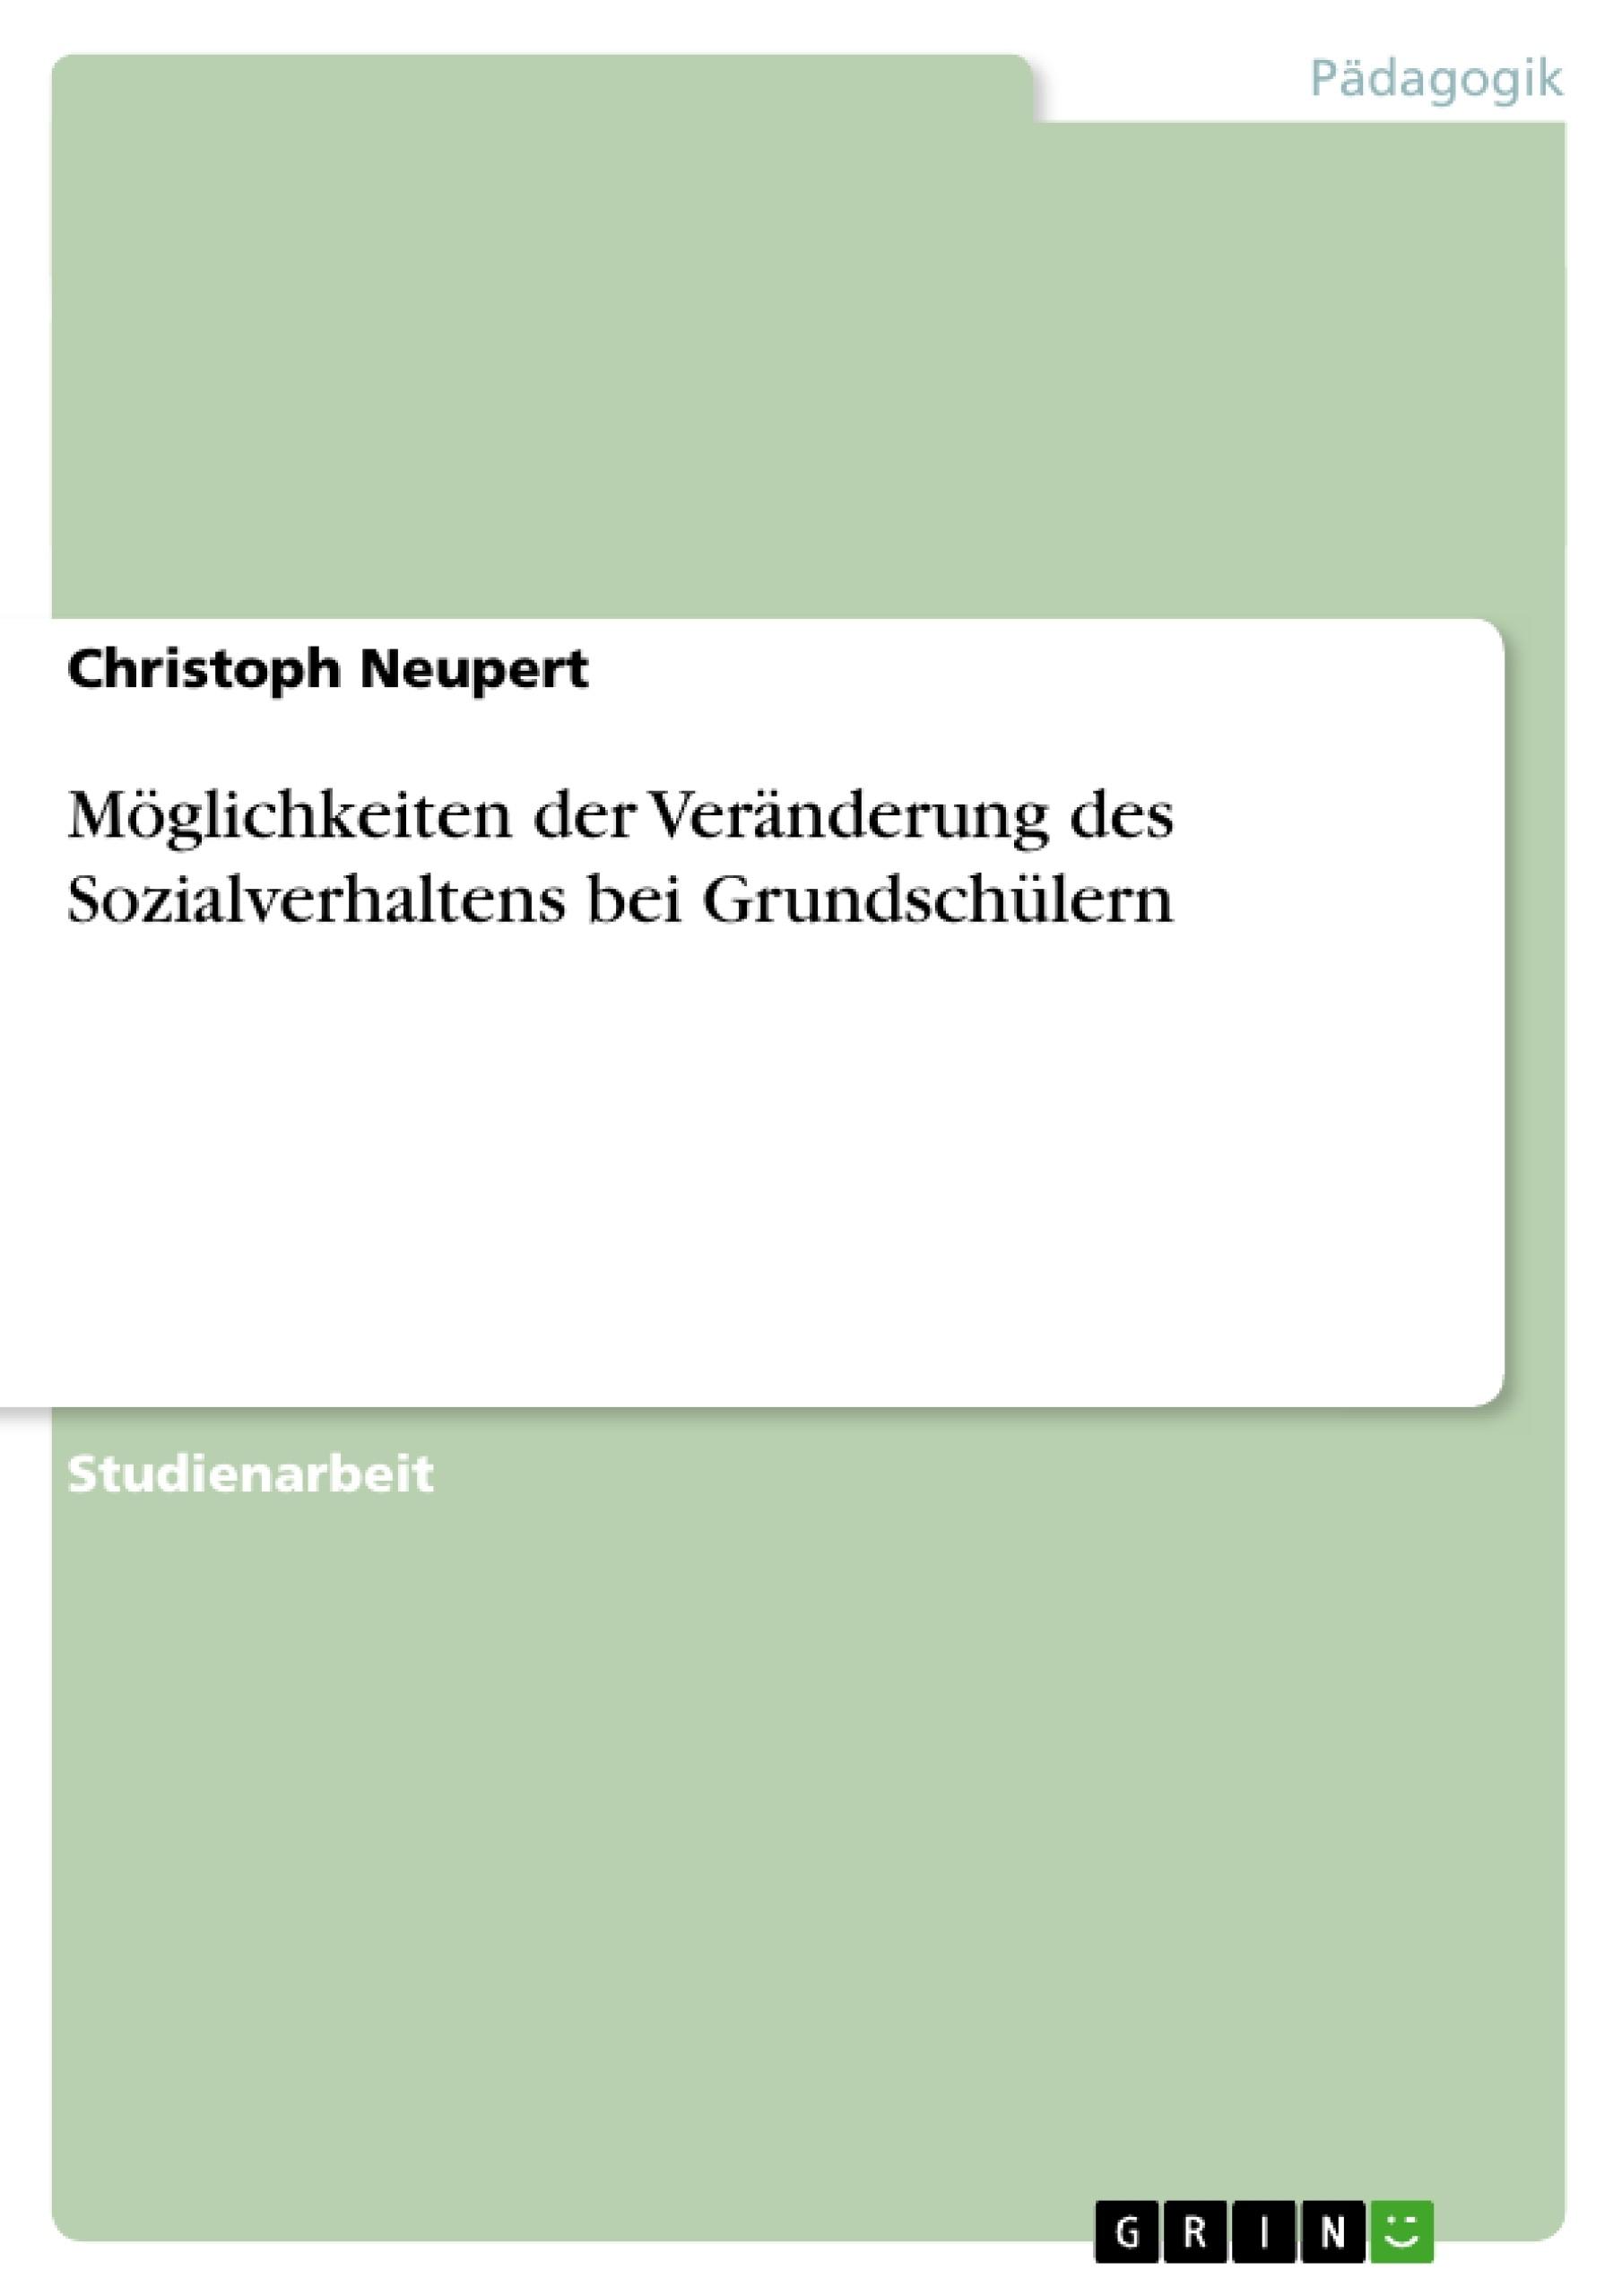 Titel: Möglichkeiten der Veränderung des Sozialverhaltens bei Grundschülern